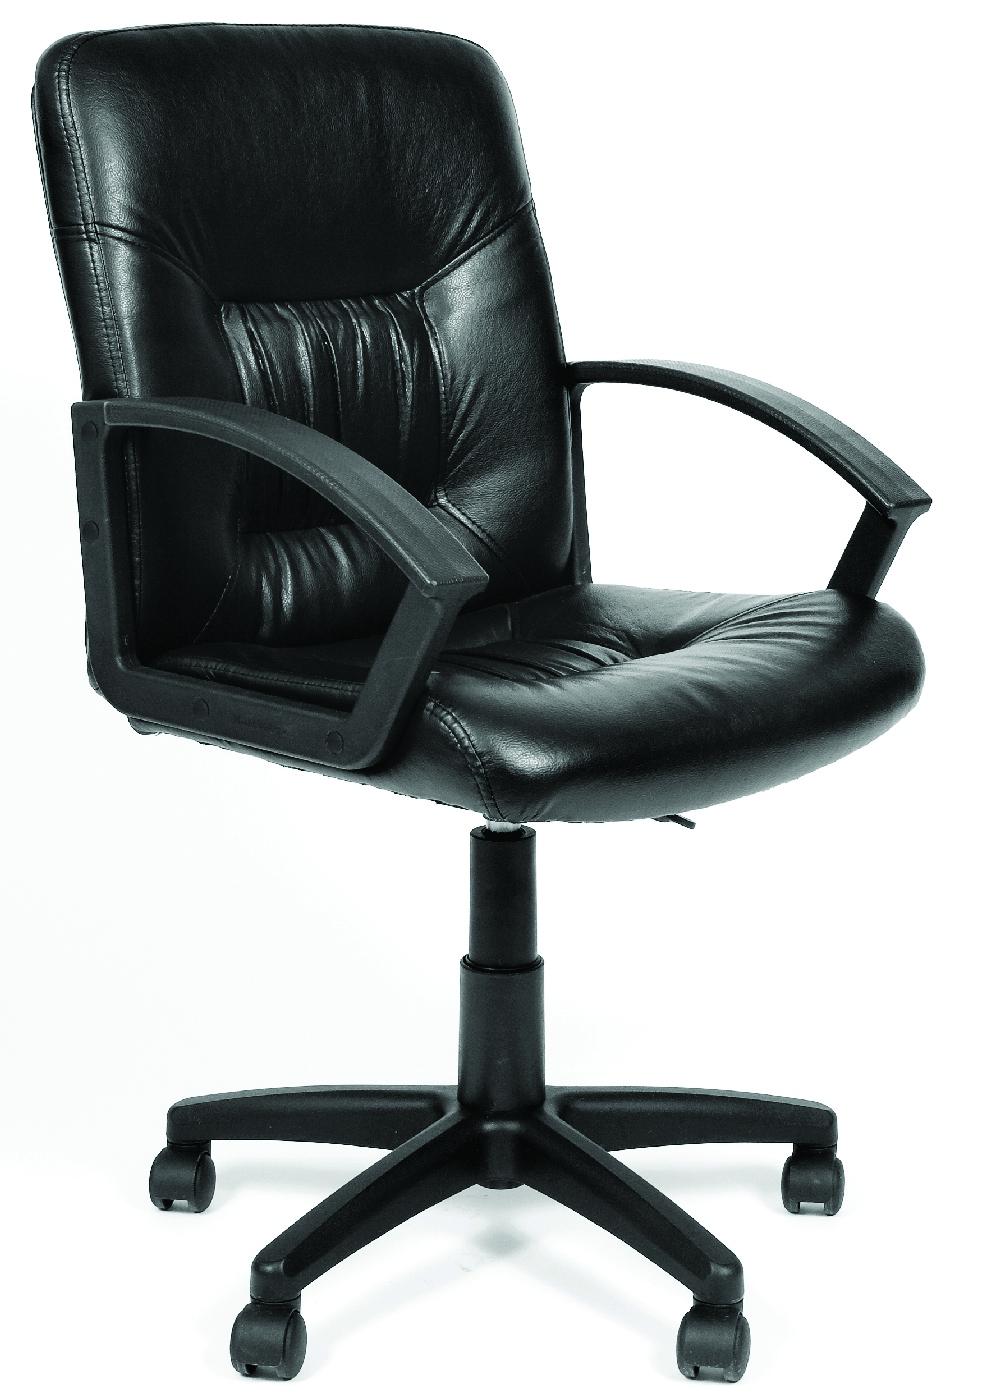 Кресло офисное CHAIRMAN 651 экокожа